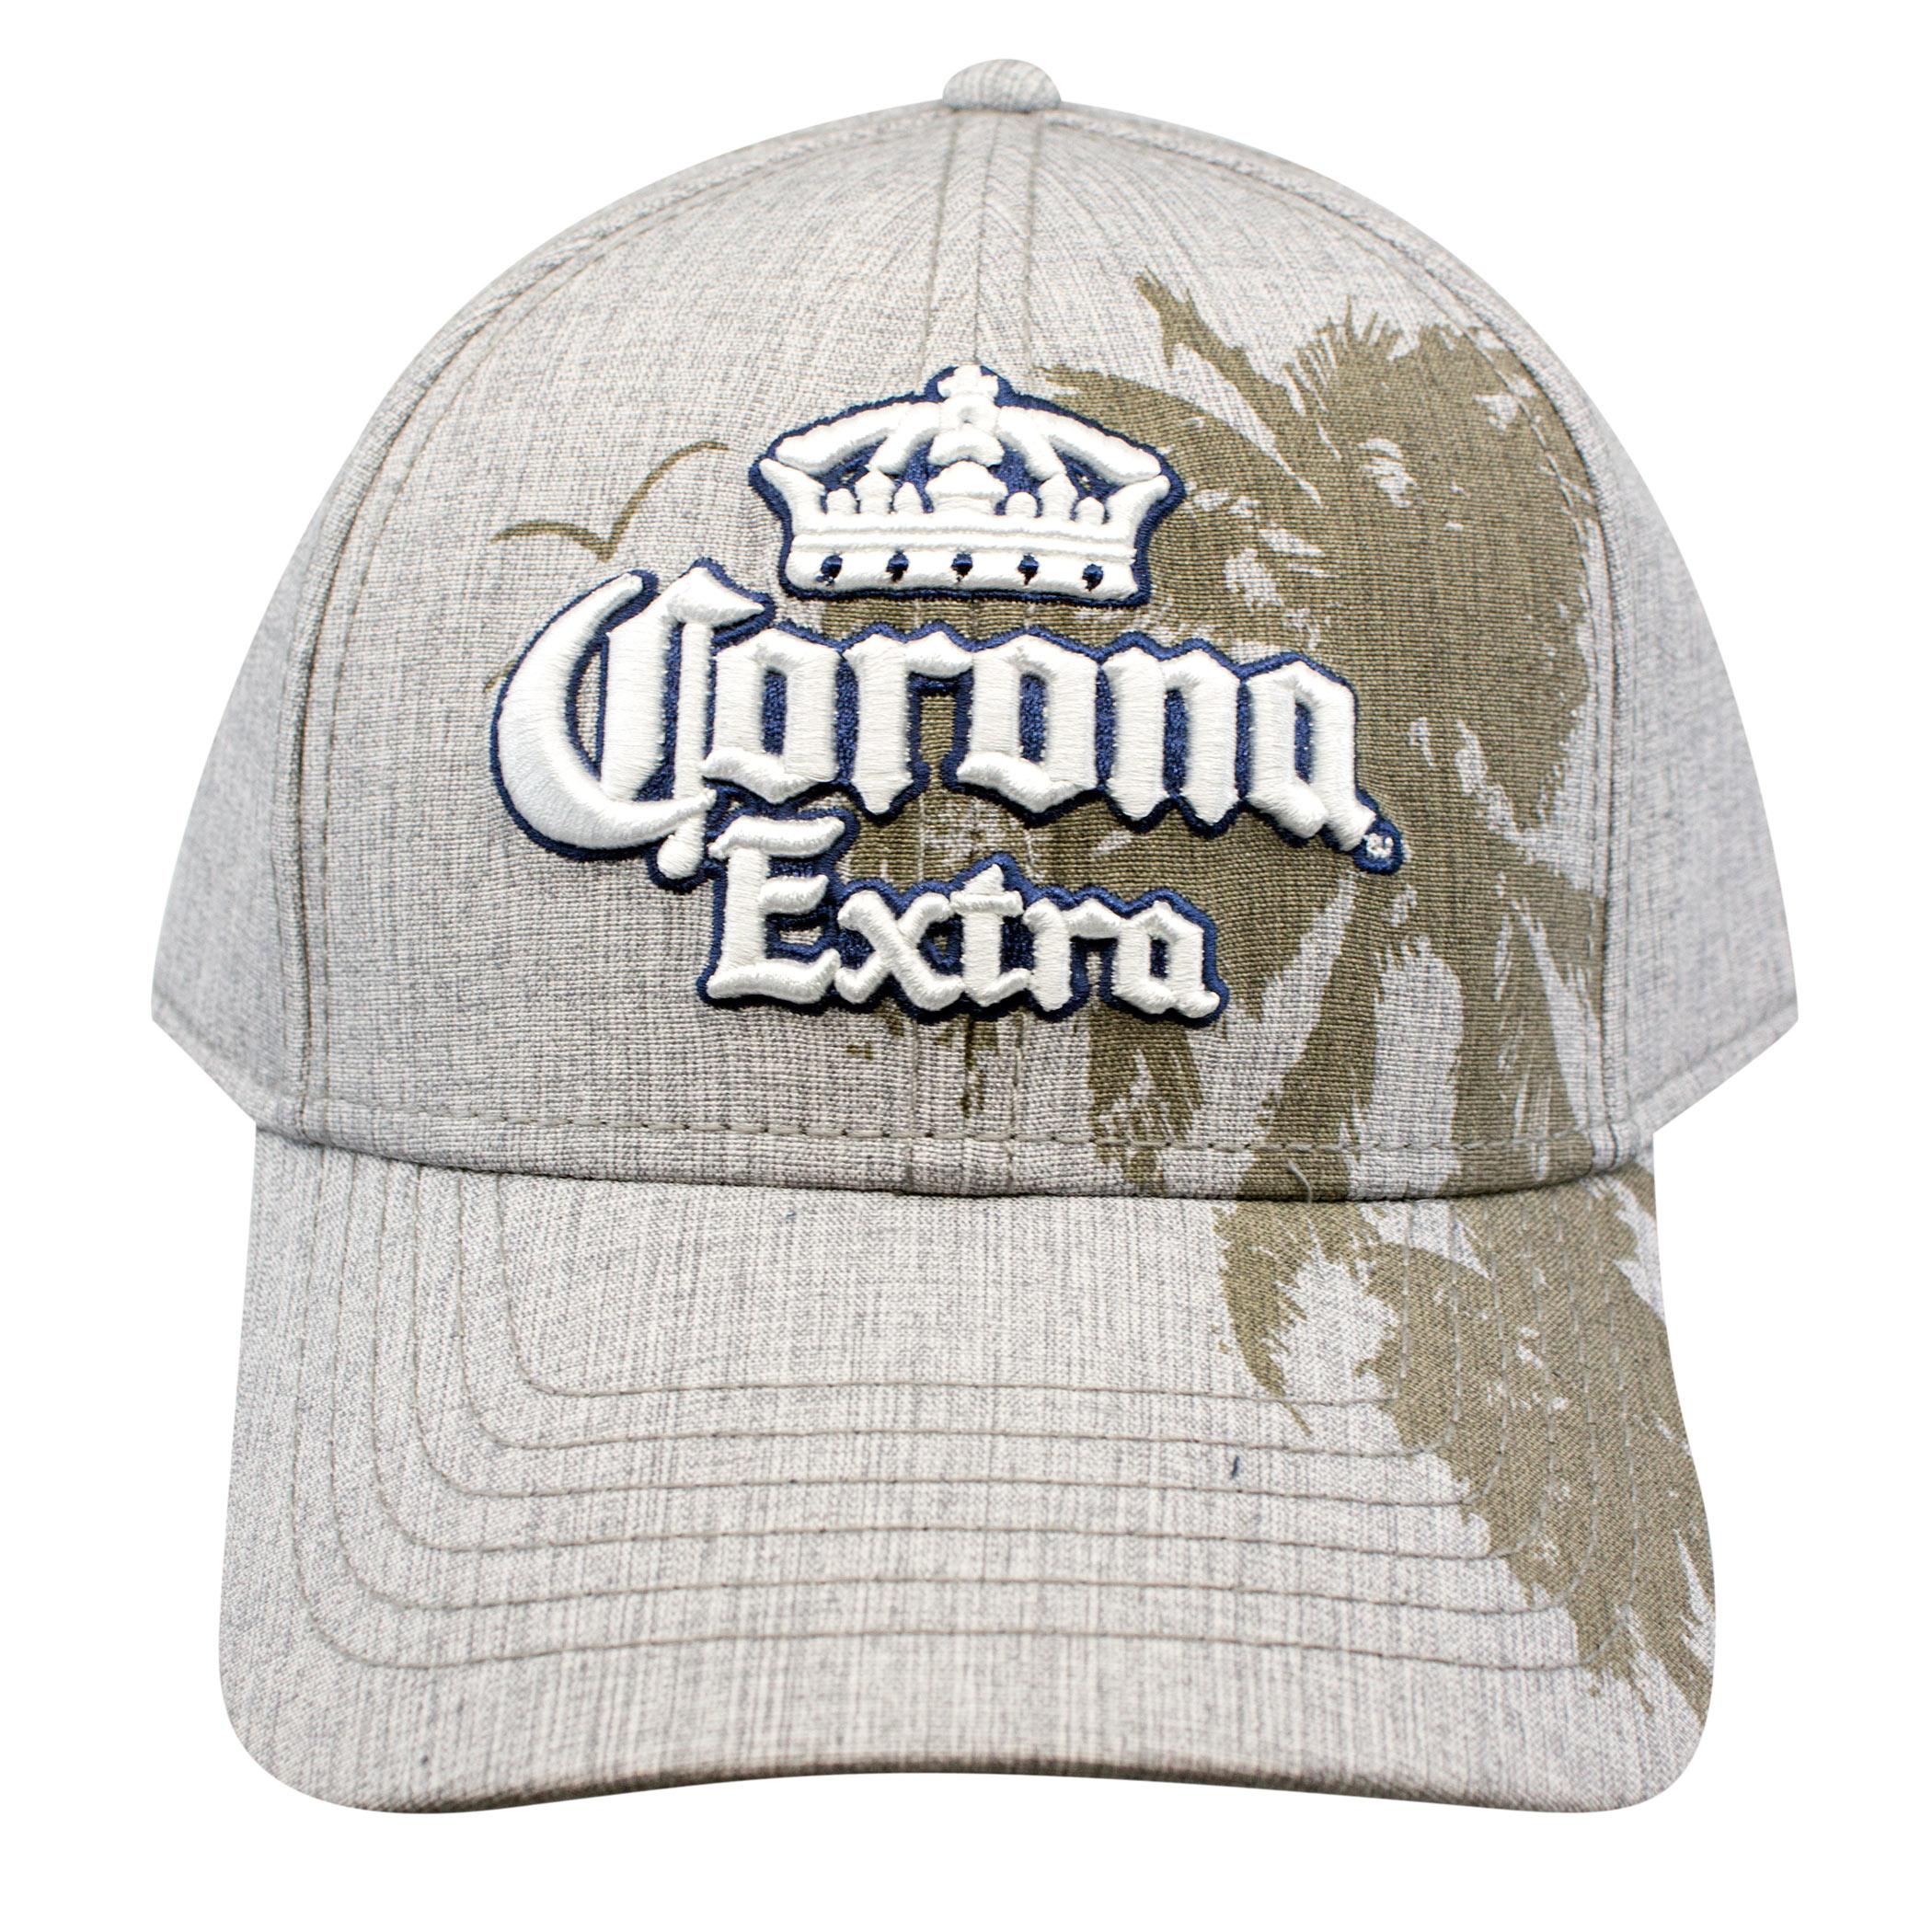 Corona Extra Tan Palm Trees Snapback Hat